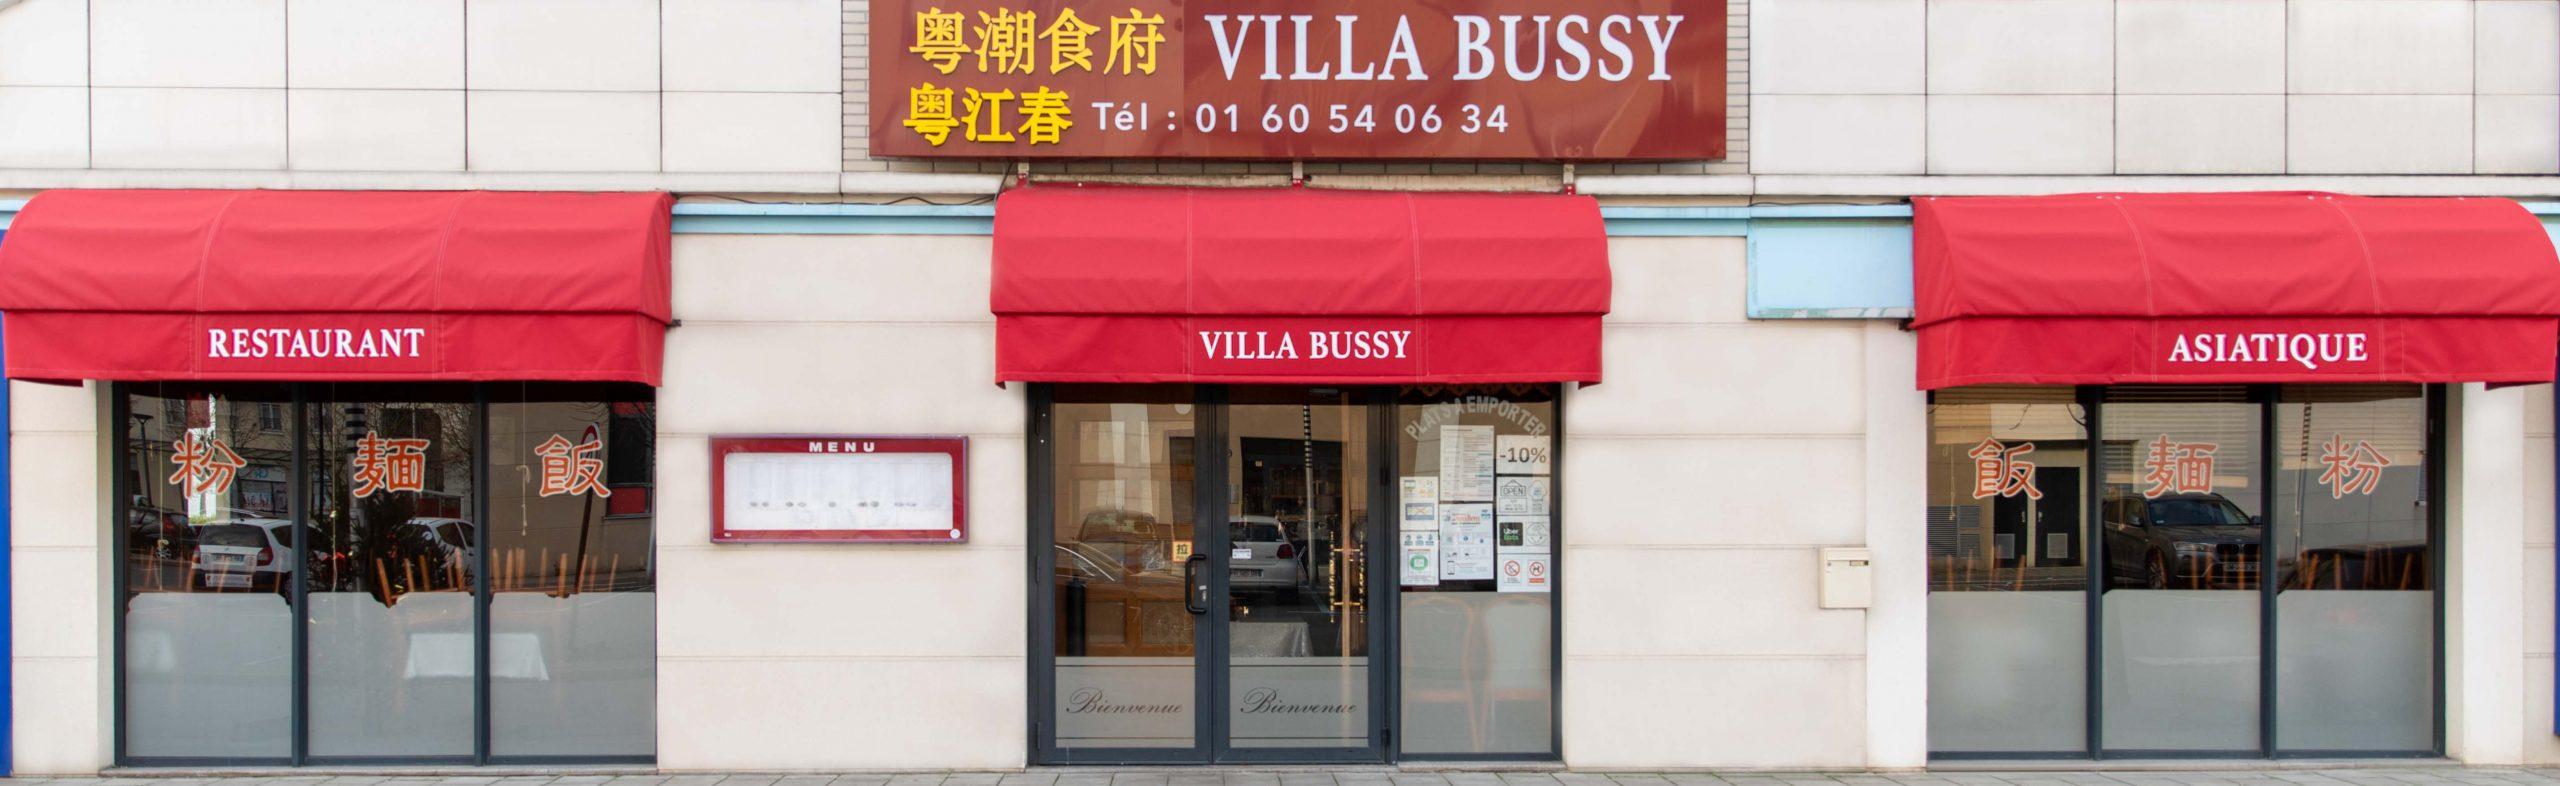 Enseigne Villa de Bussy